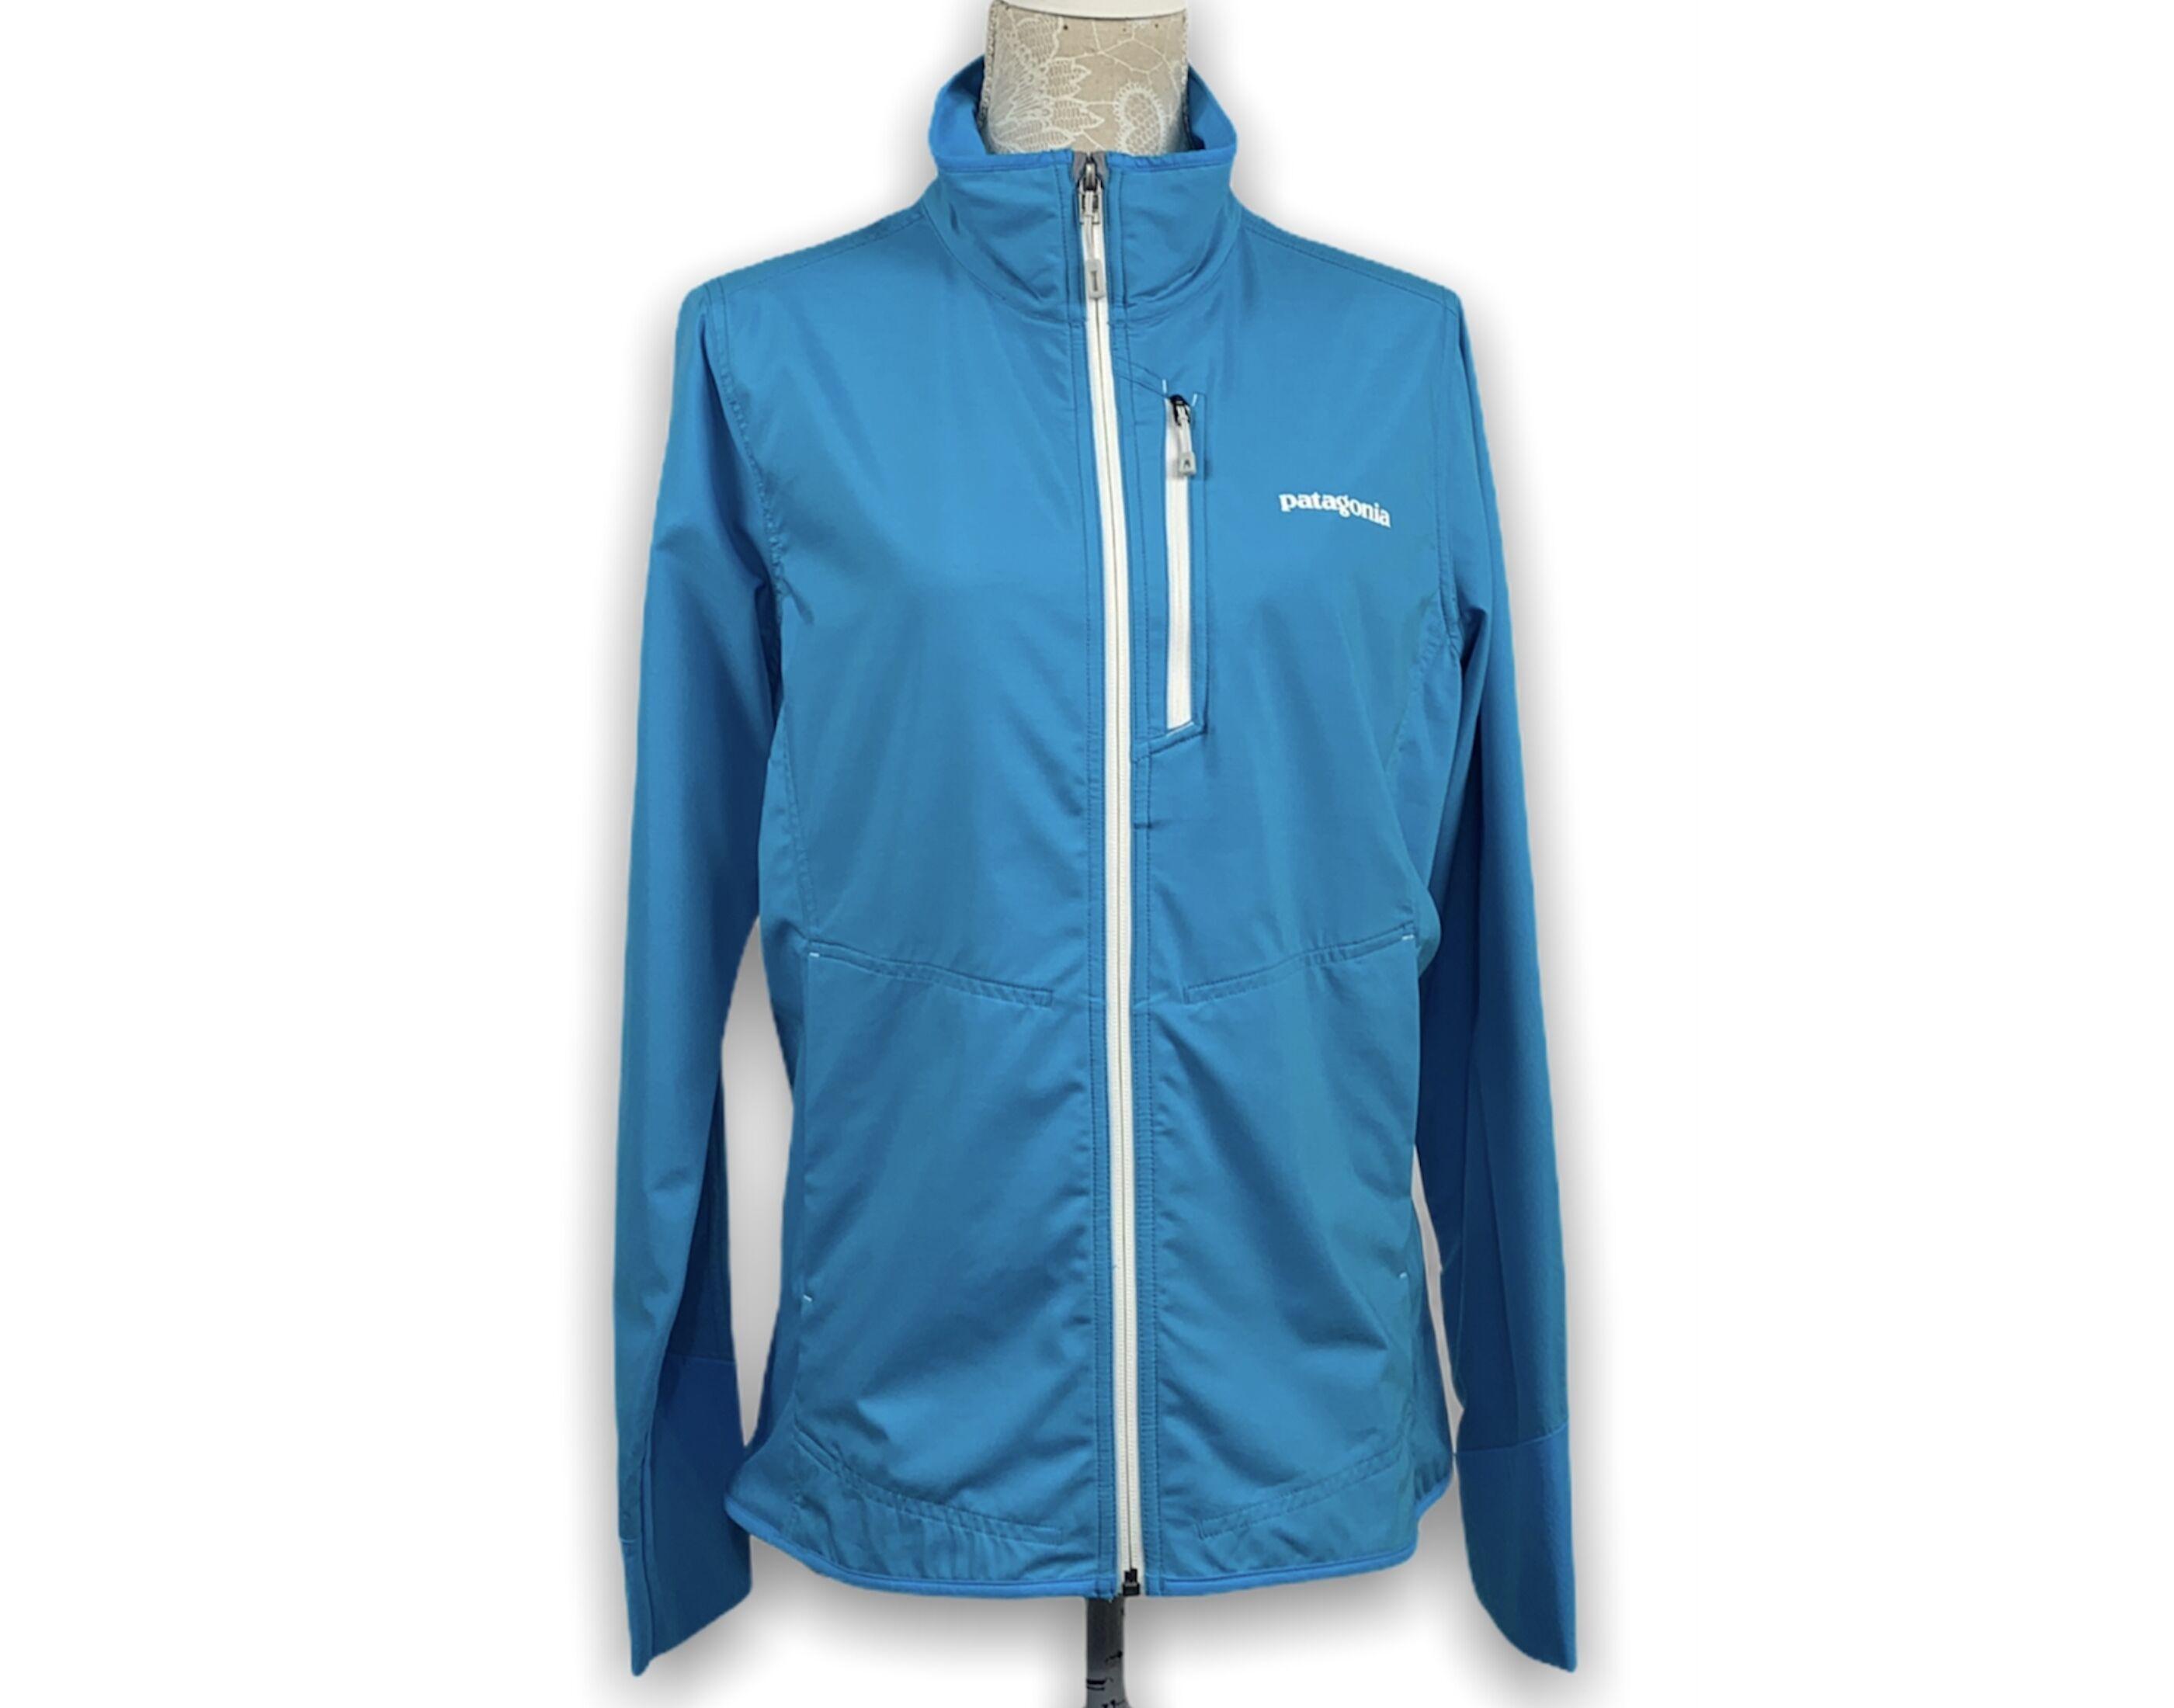 Patagonia kabát (L)